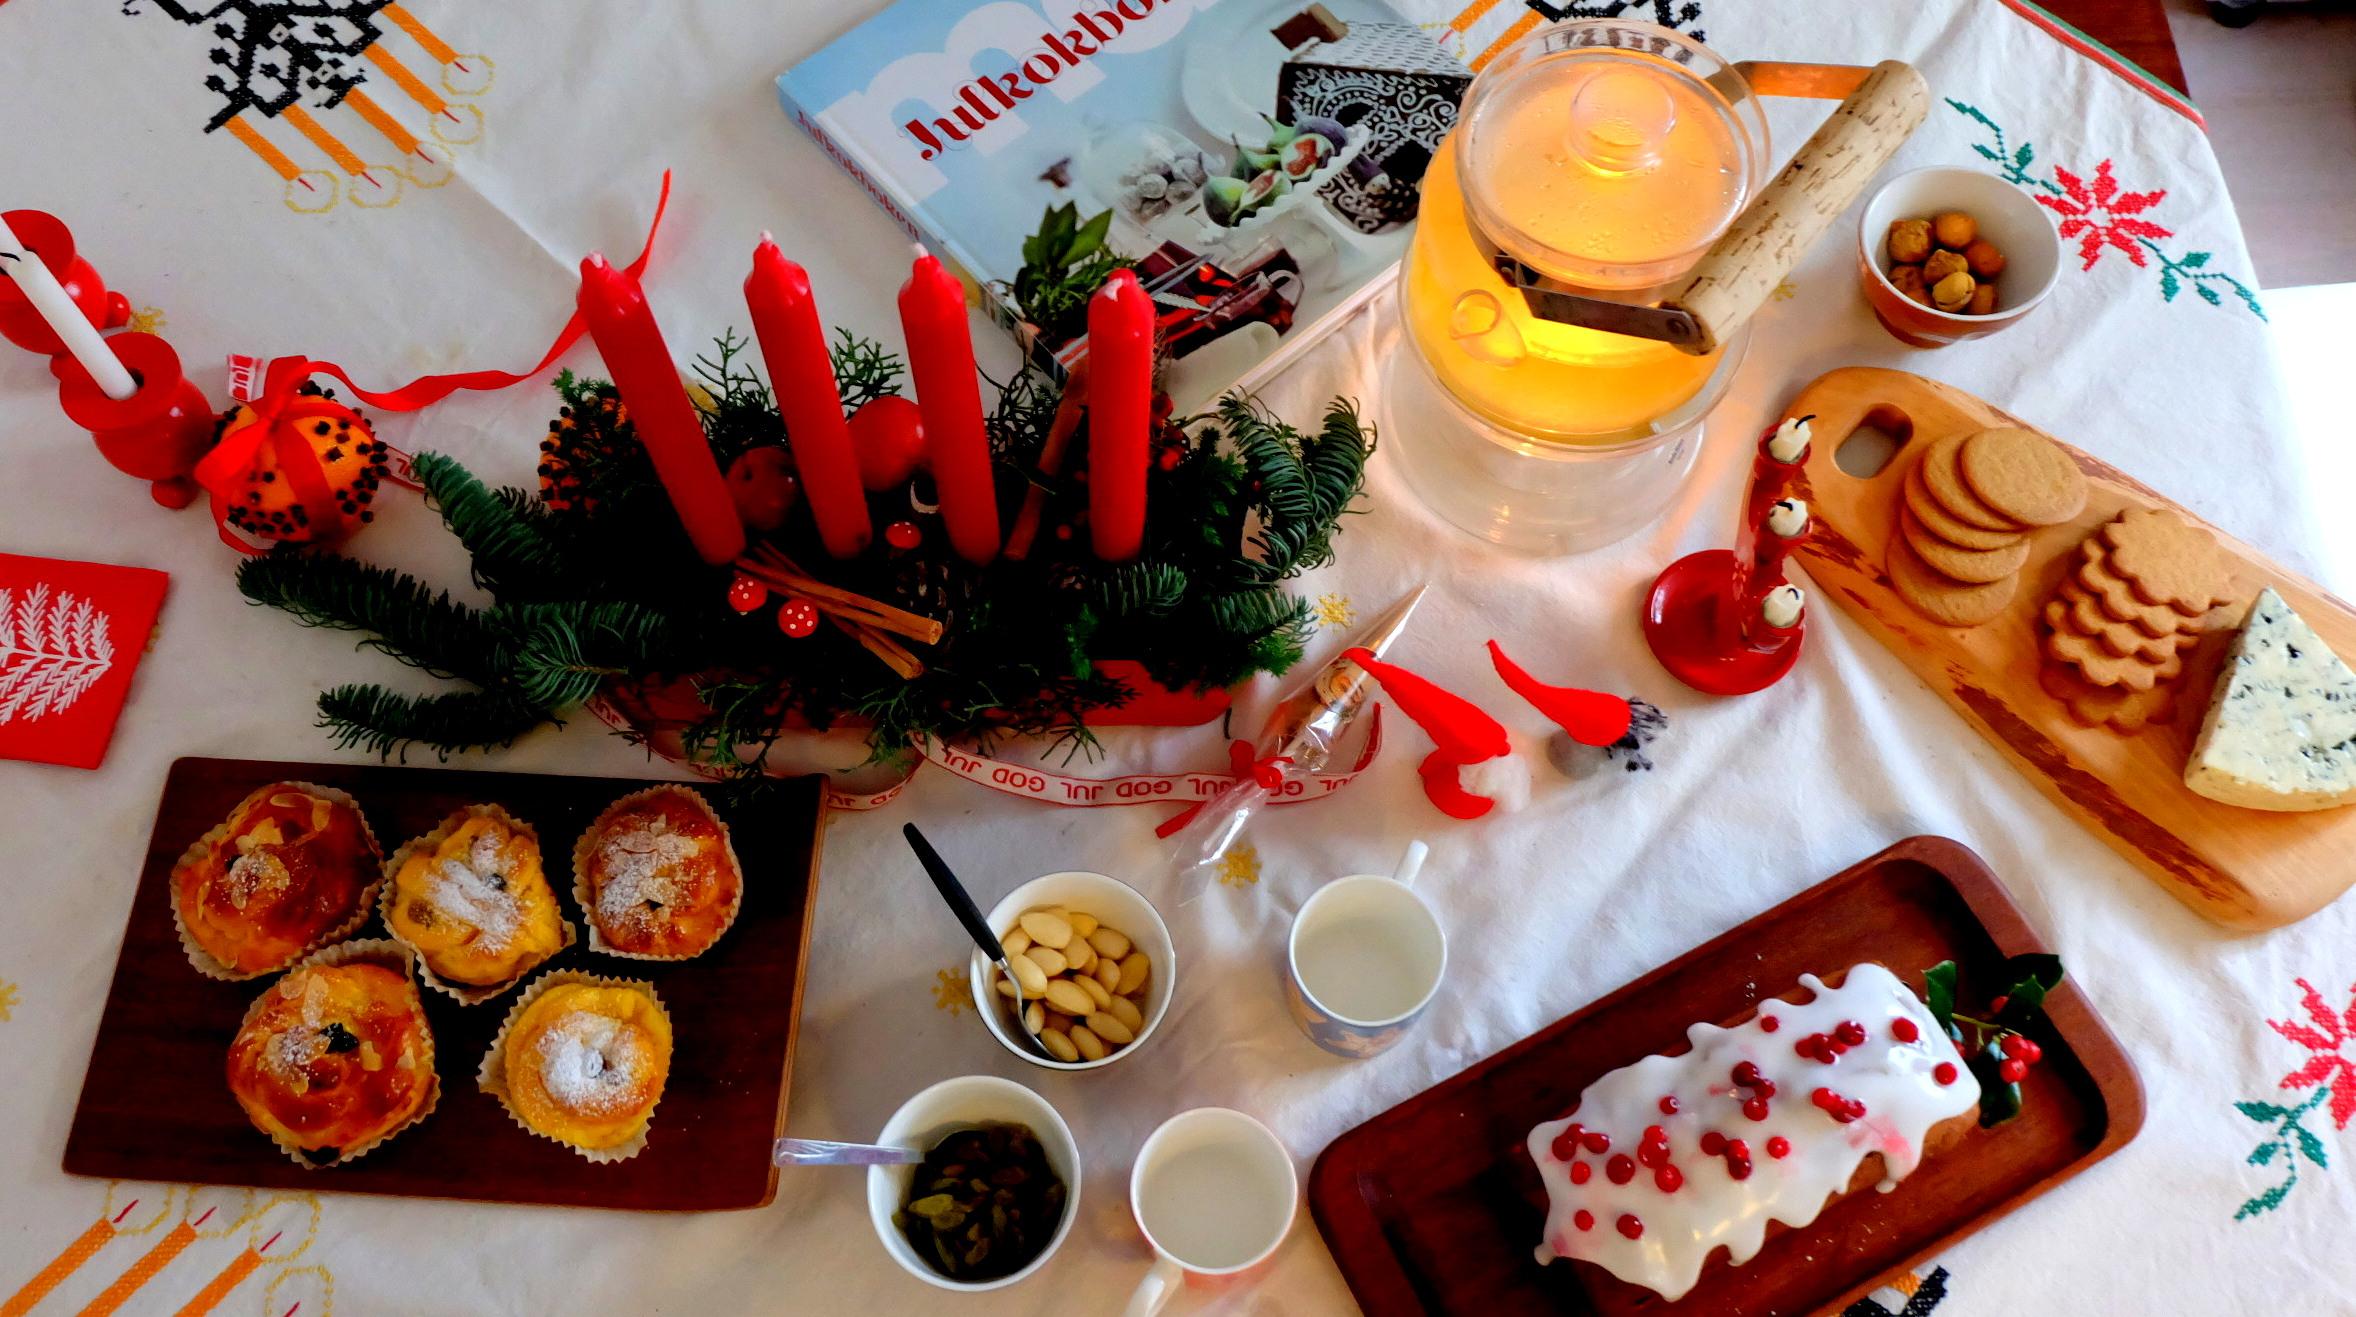 もうすぐアドベント(Advent)がスタート! スウェーデン流・クリスマスまでの楽しみ方